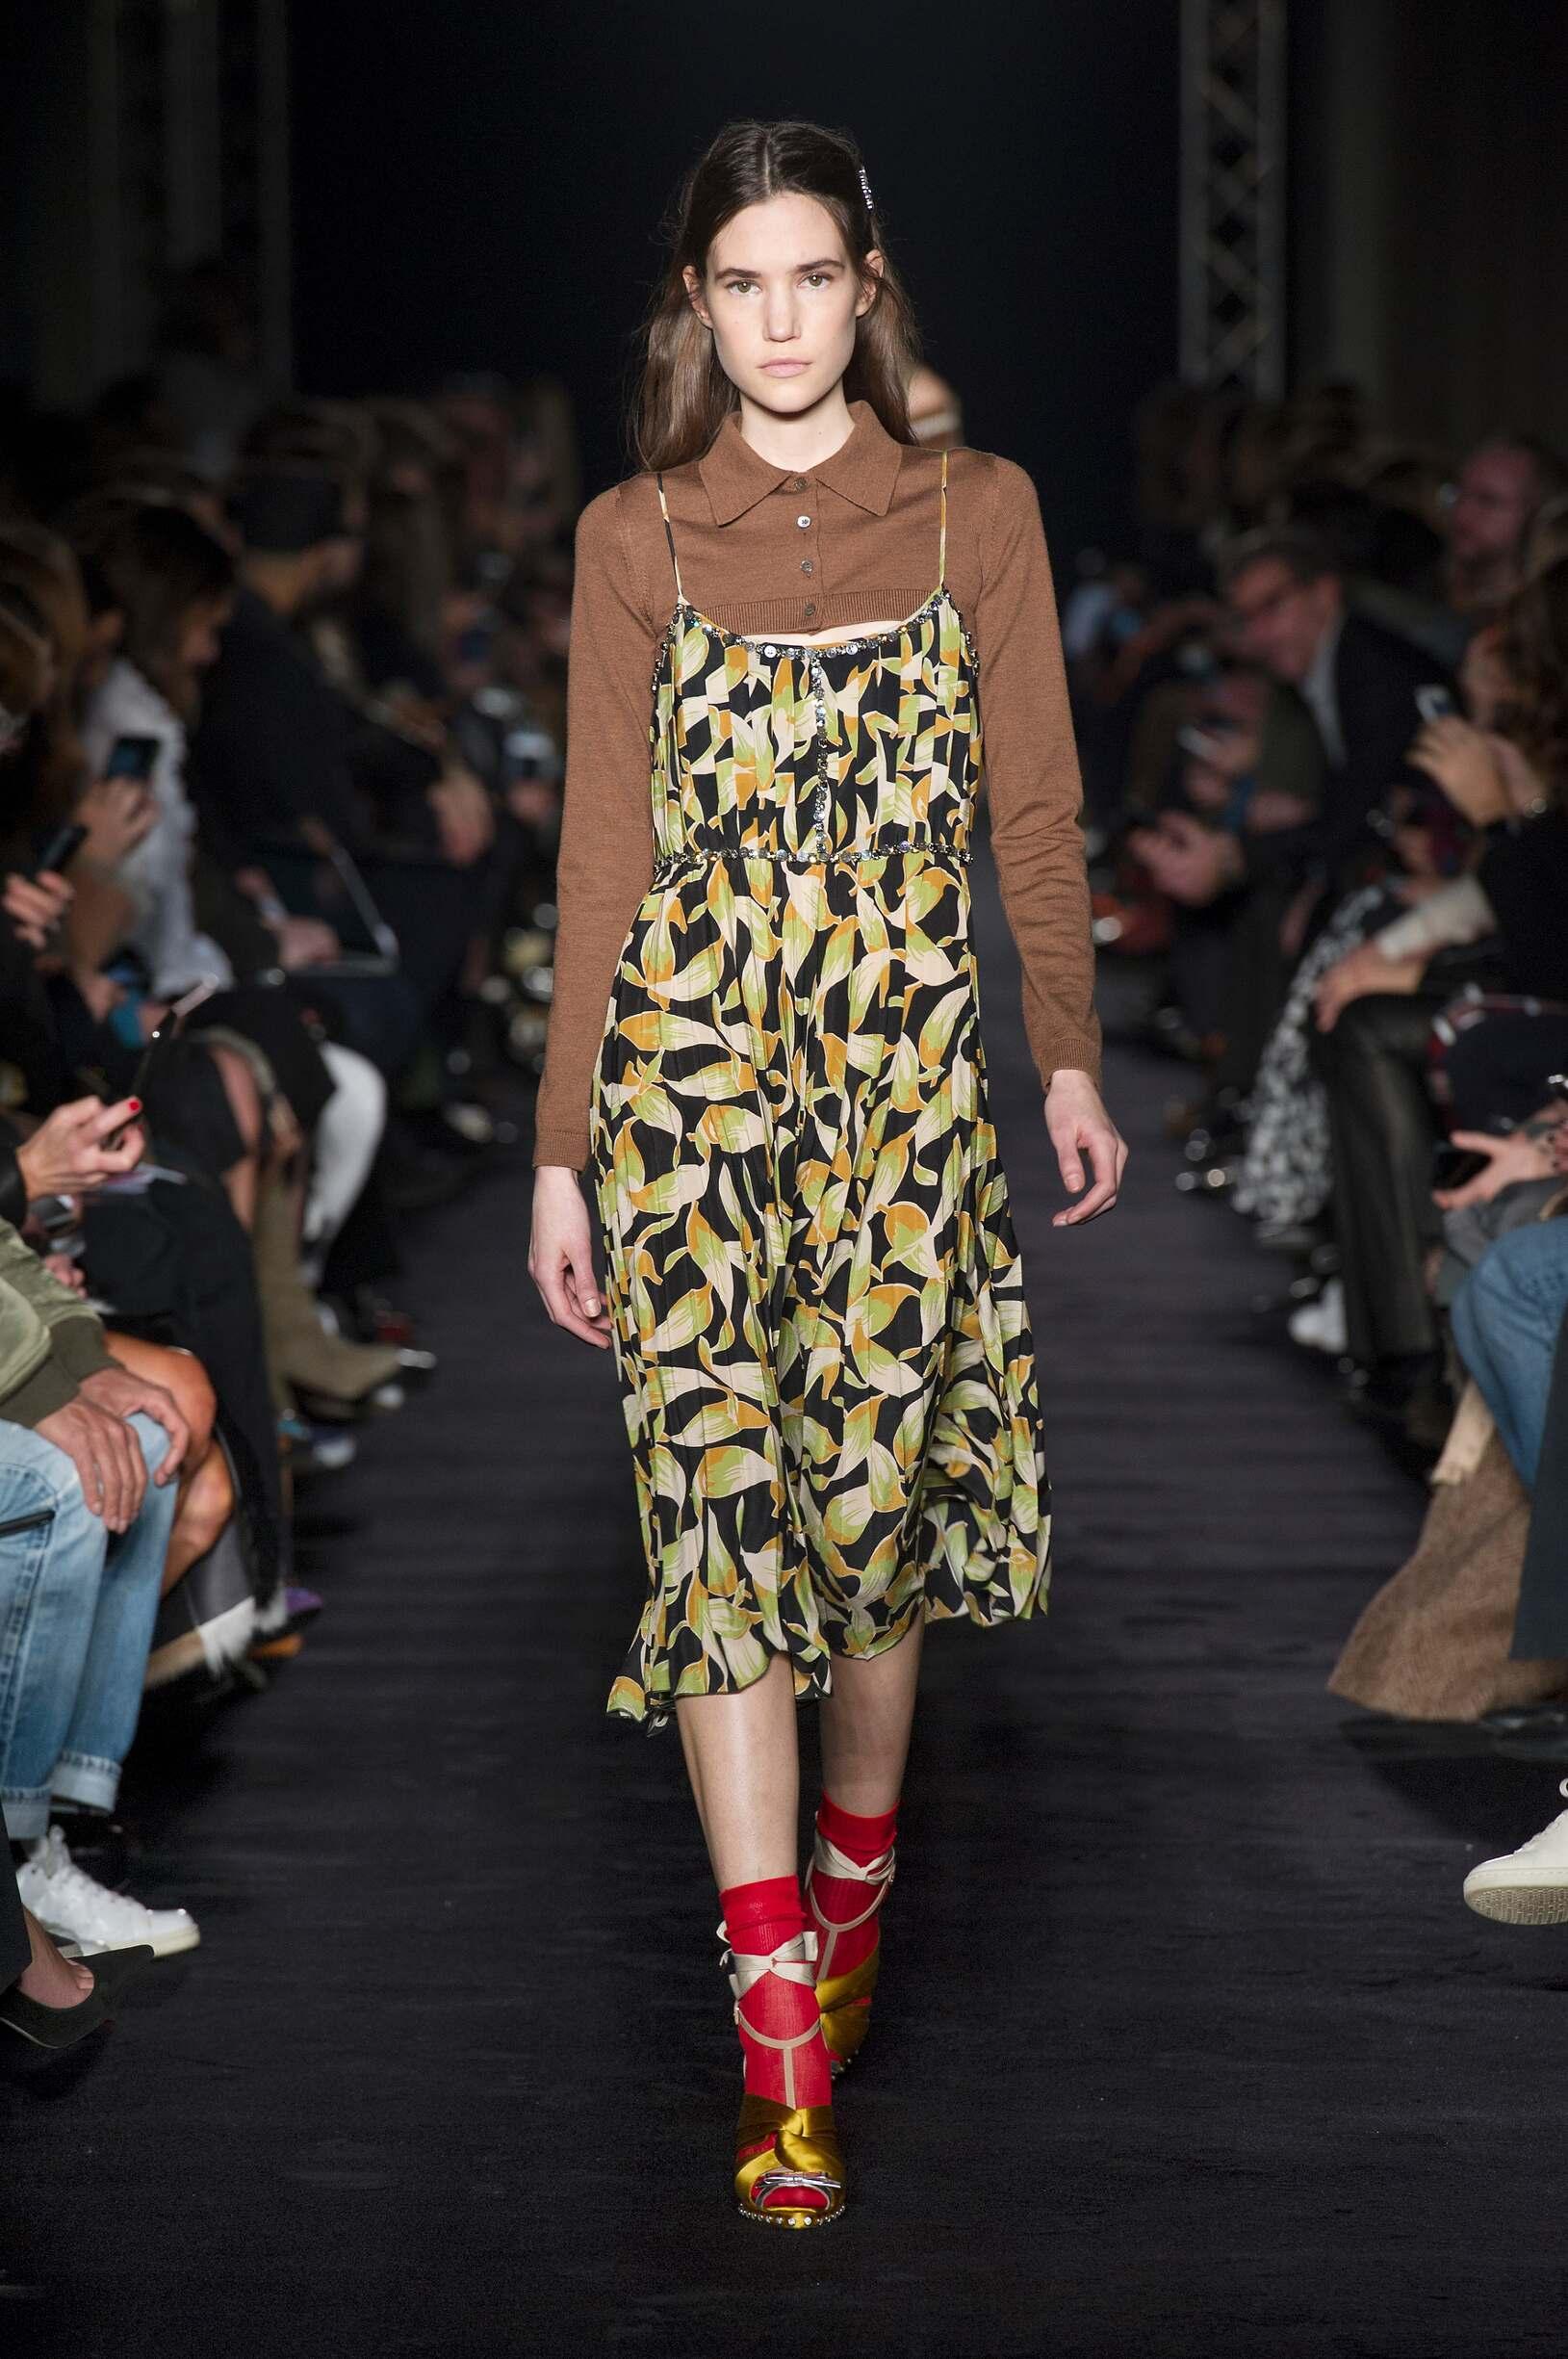 N°21 Woman Milan Fashion Week